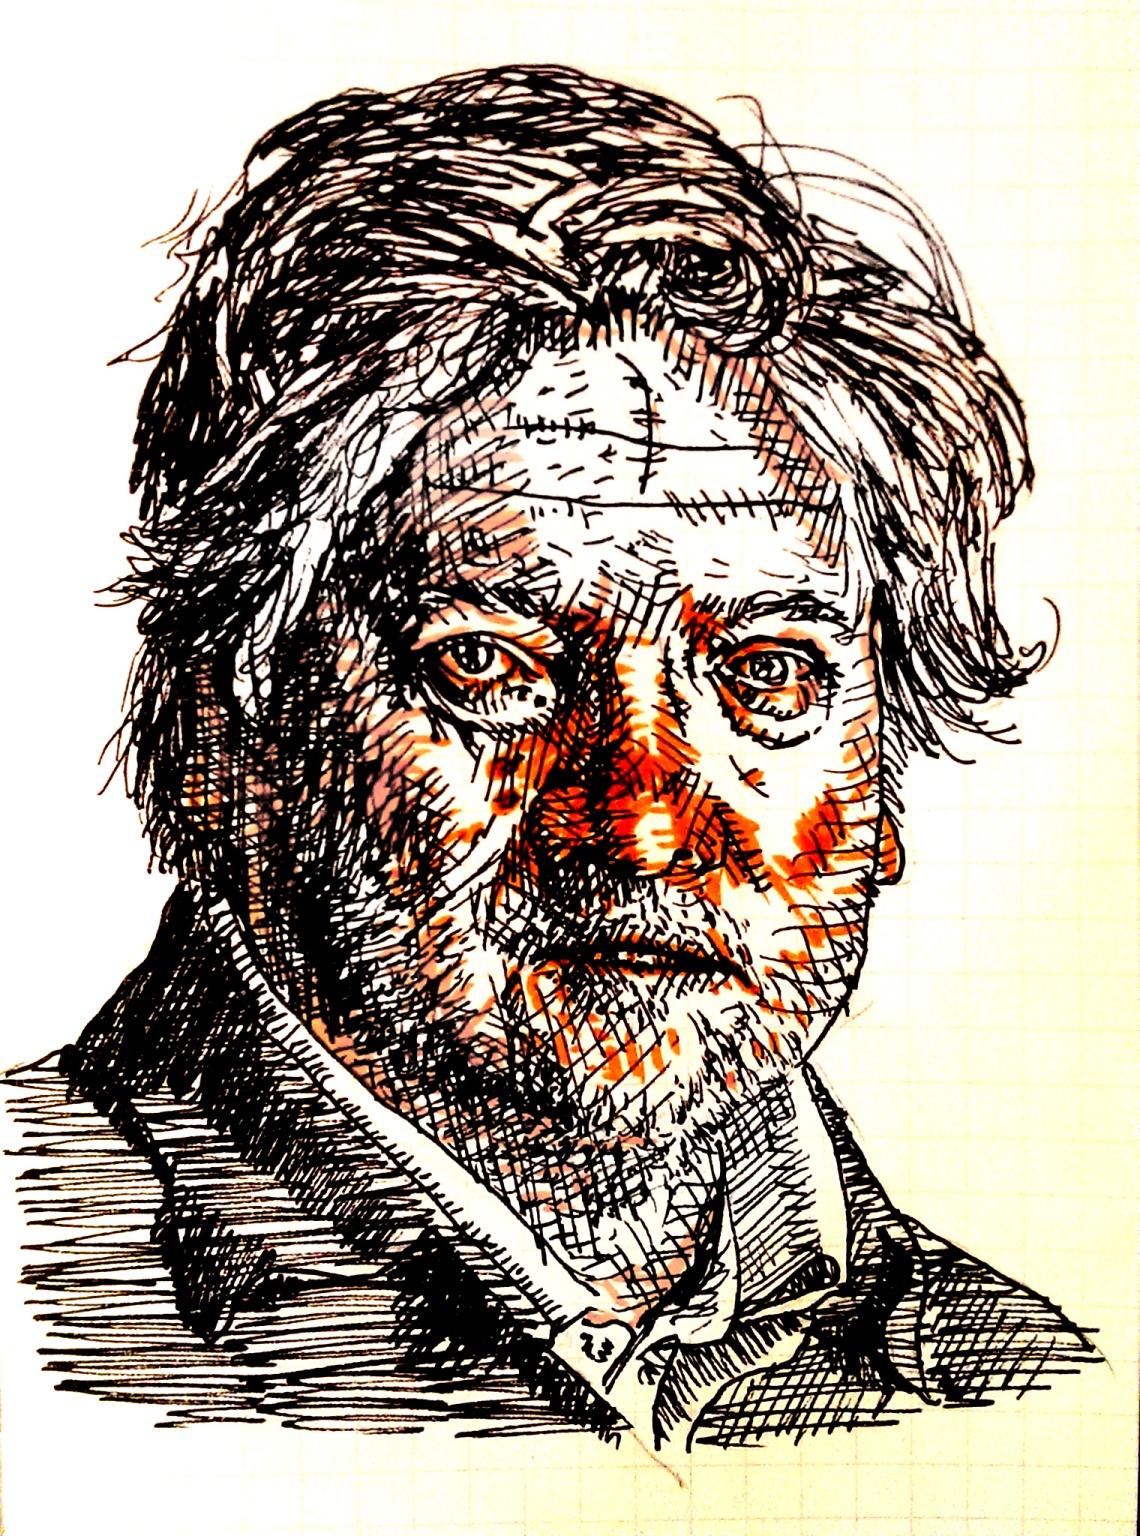 Steve Bannon illustration